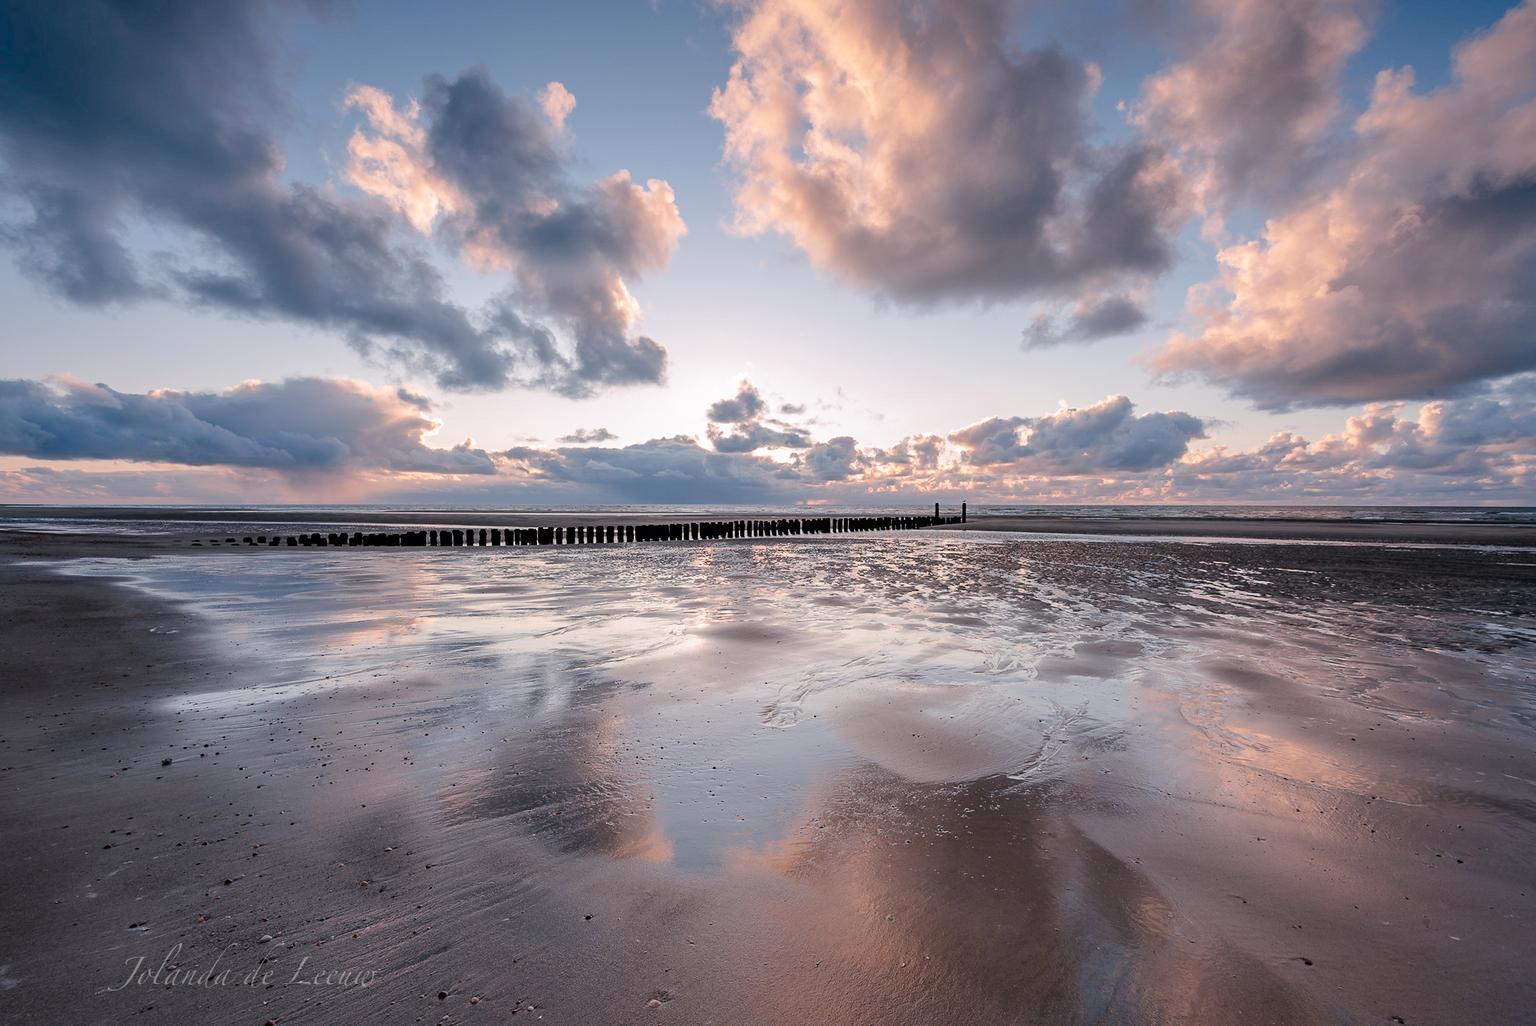 Beach reflection  - Bij laag water op het strand krijg je mooie reflecties in het nog natte zand   - foto door JolandadeLeeuw op 15-04-2021 - deze foto bevat: strand, reflectie, zand, wolken, zeeland, zeeuwsekust, zee, zonsondergang, wolk, water, lucht, atmosfeer, dag, azuur, vloeistof, zonlicht, vloeistof, nagloeien